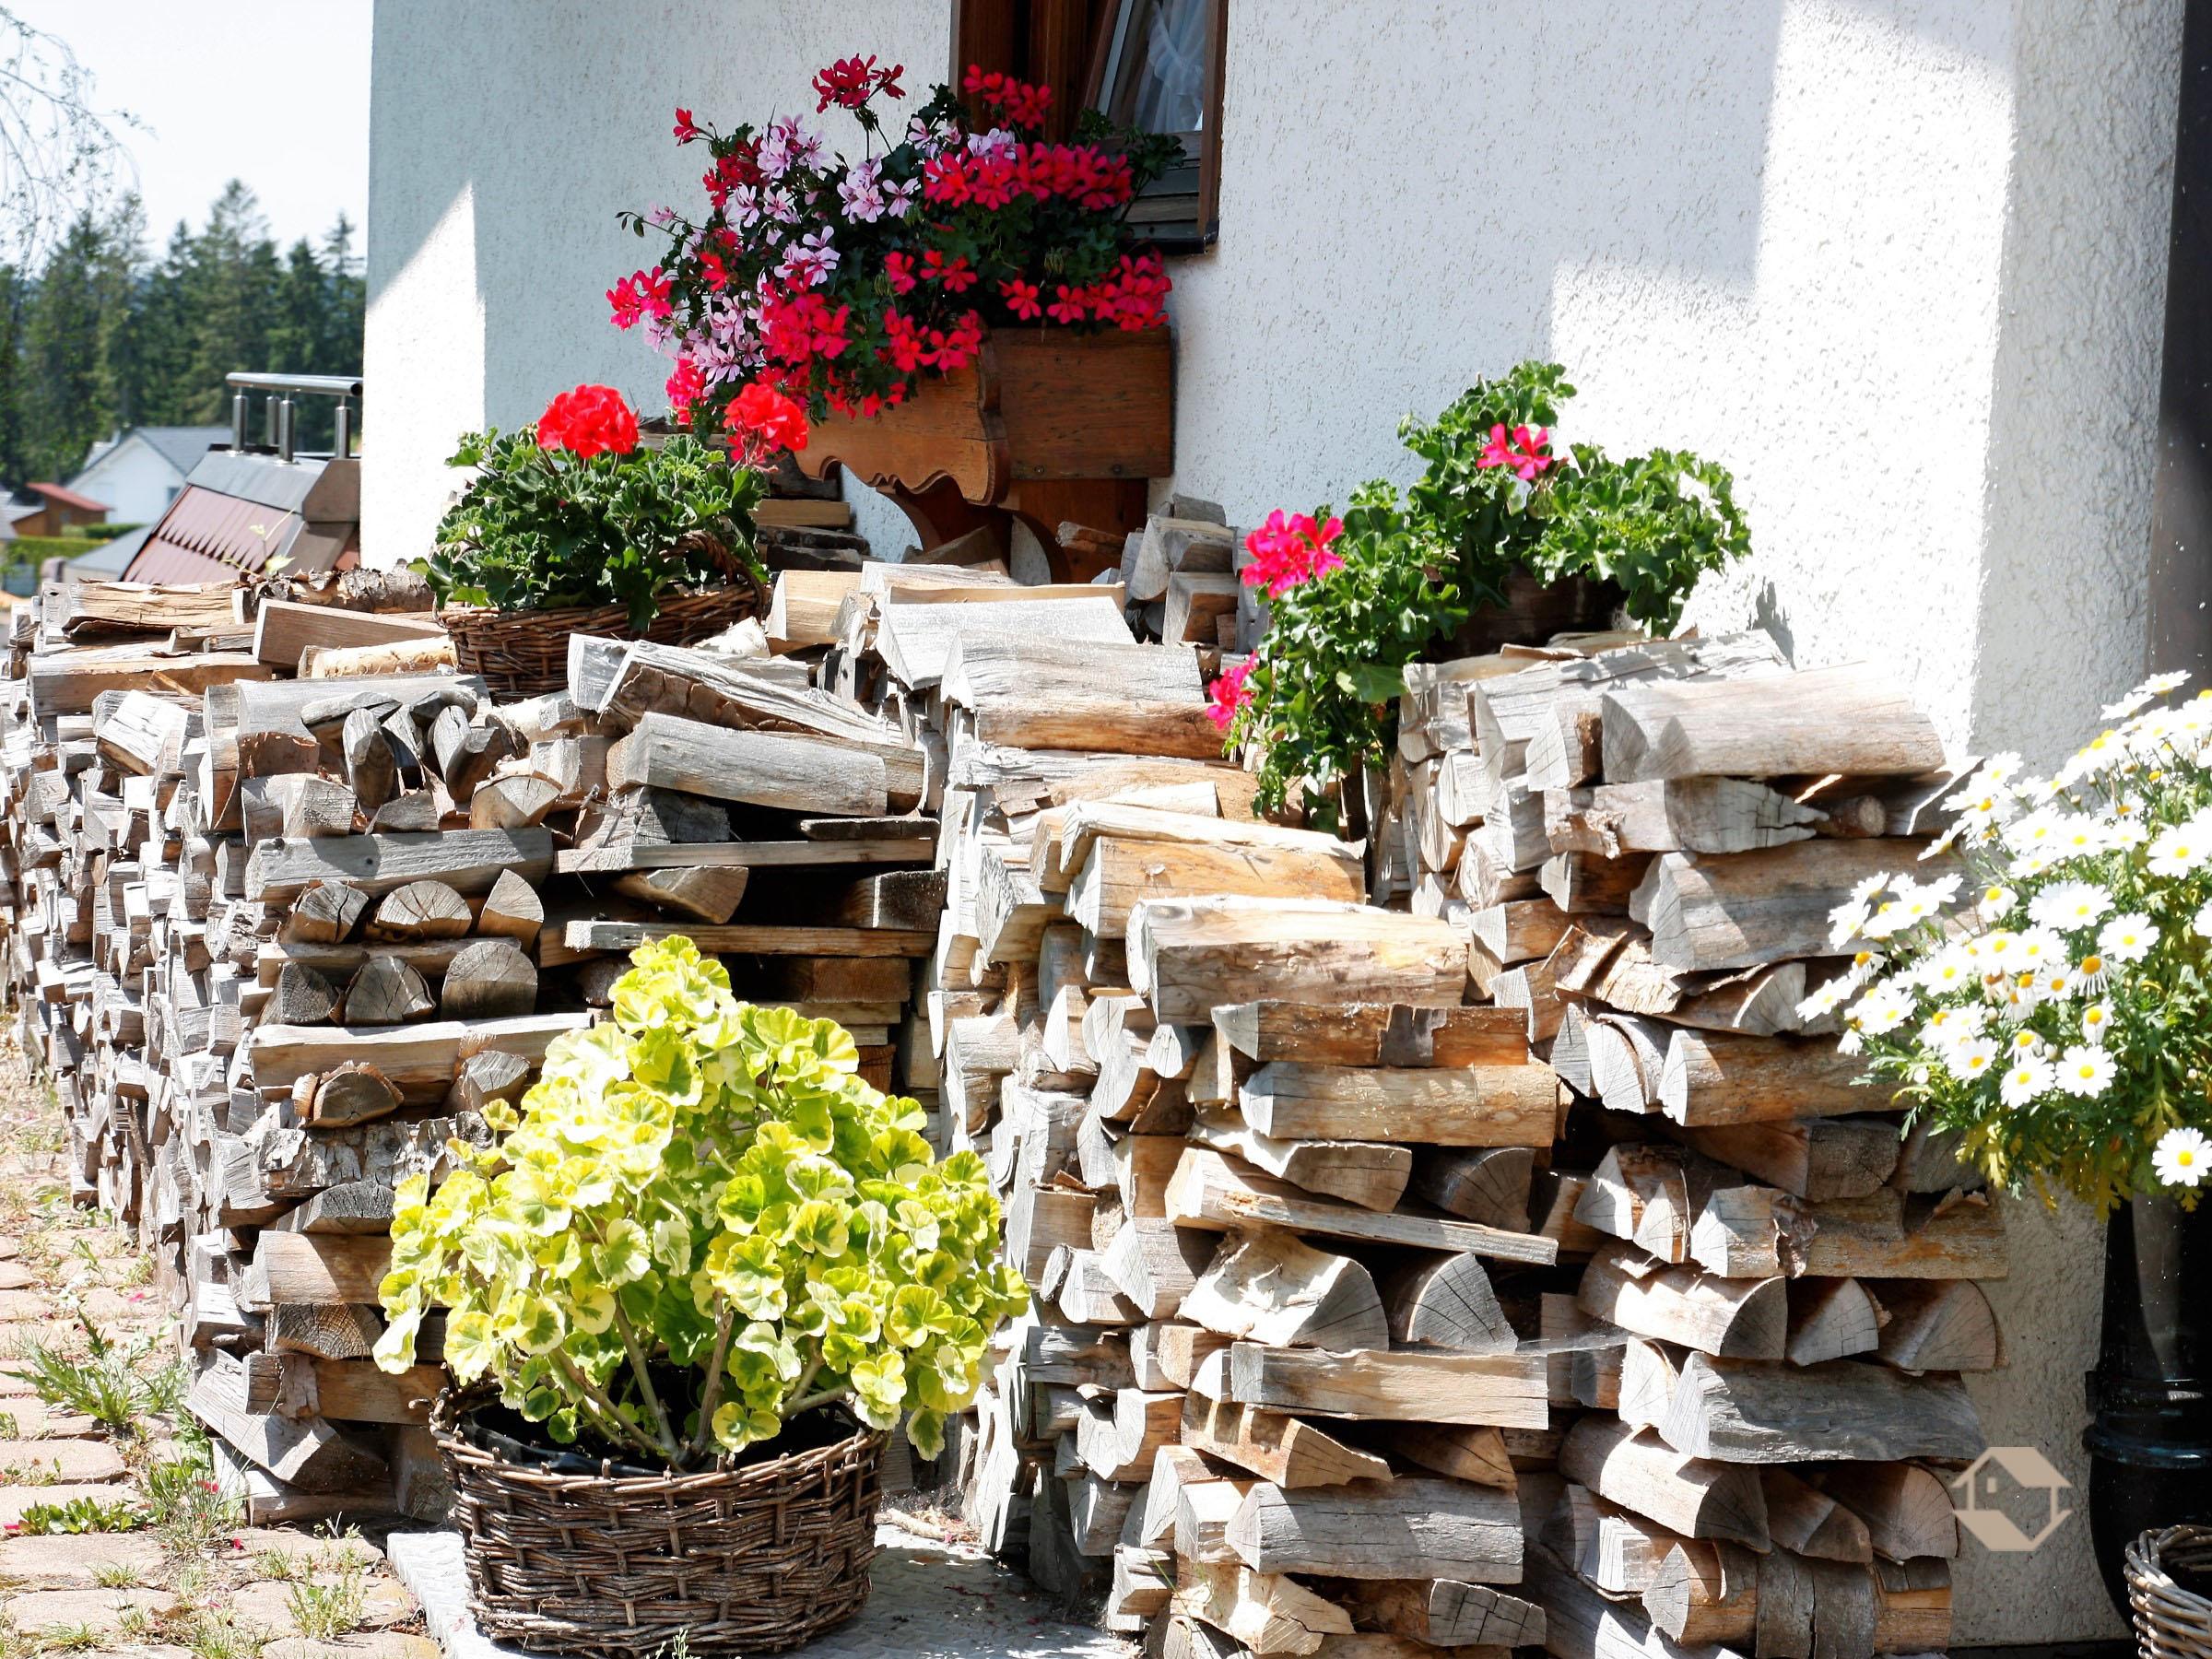 Ferienwohnung Haus Kandelblick, (Furtwangen). Ferienwohnung Kandelblick, 60qm, 1 Schlafraum, 1 Wohn-/Sch (2717402), Furtwangen, Schwarzwald, Baden-Württemberg, Deutschland, Bild 4